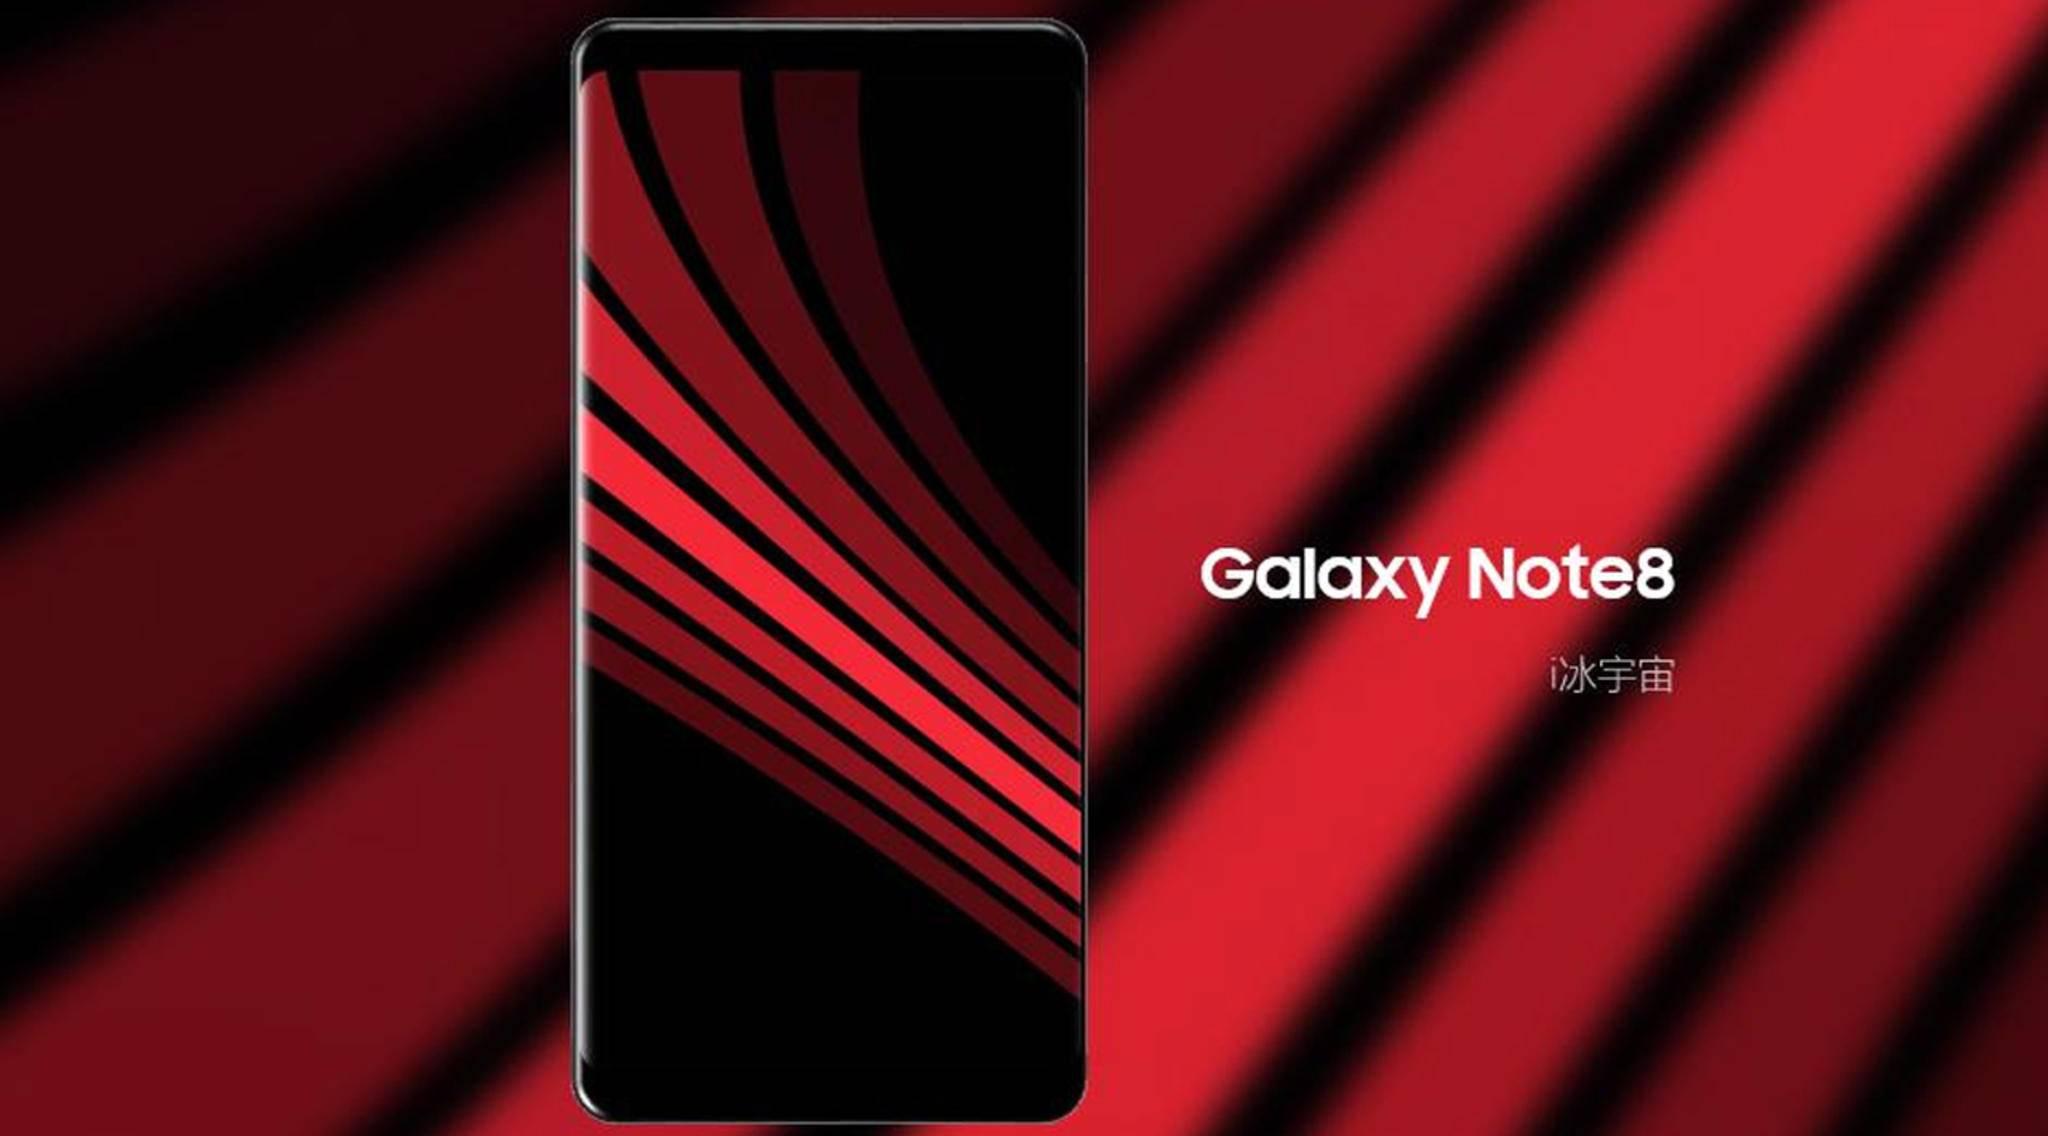 Das Galaxy Note 8 könnte am 26. August das Licht der Welt erblicken.